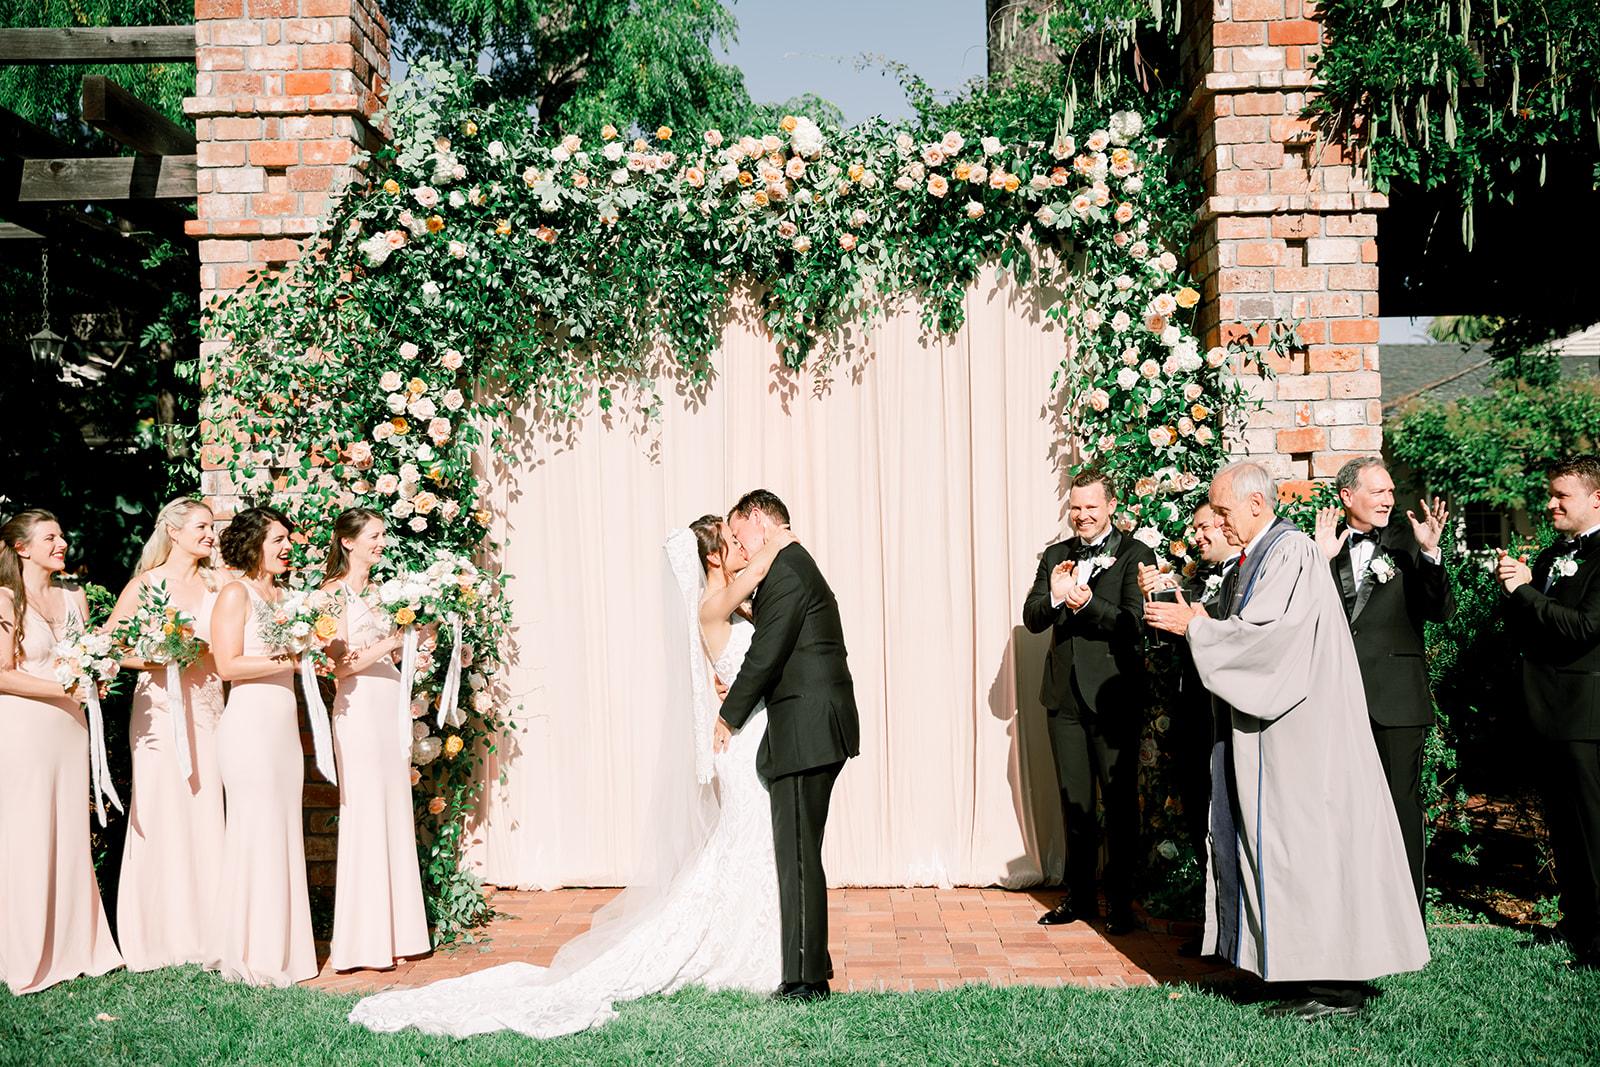 BELMOND-EL-ENCANTO-WEDDING-TODD-SP-105.jpg